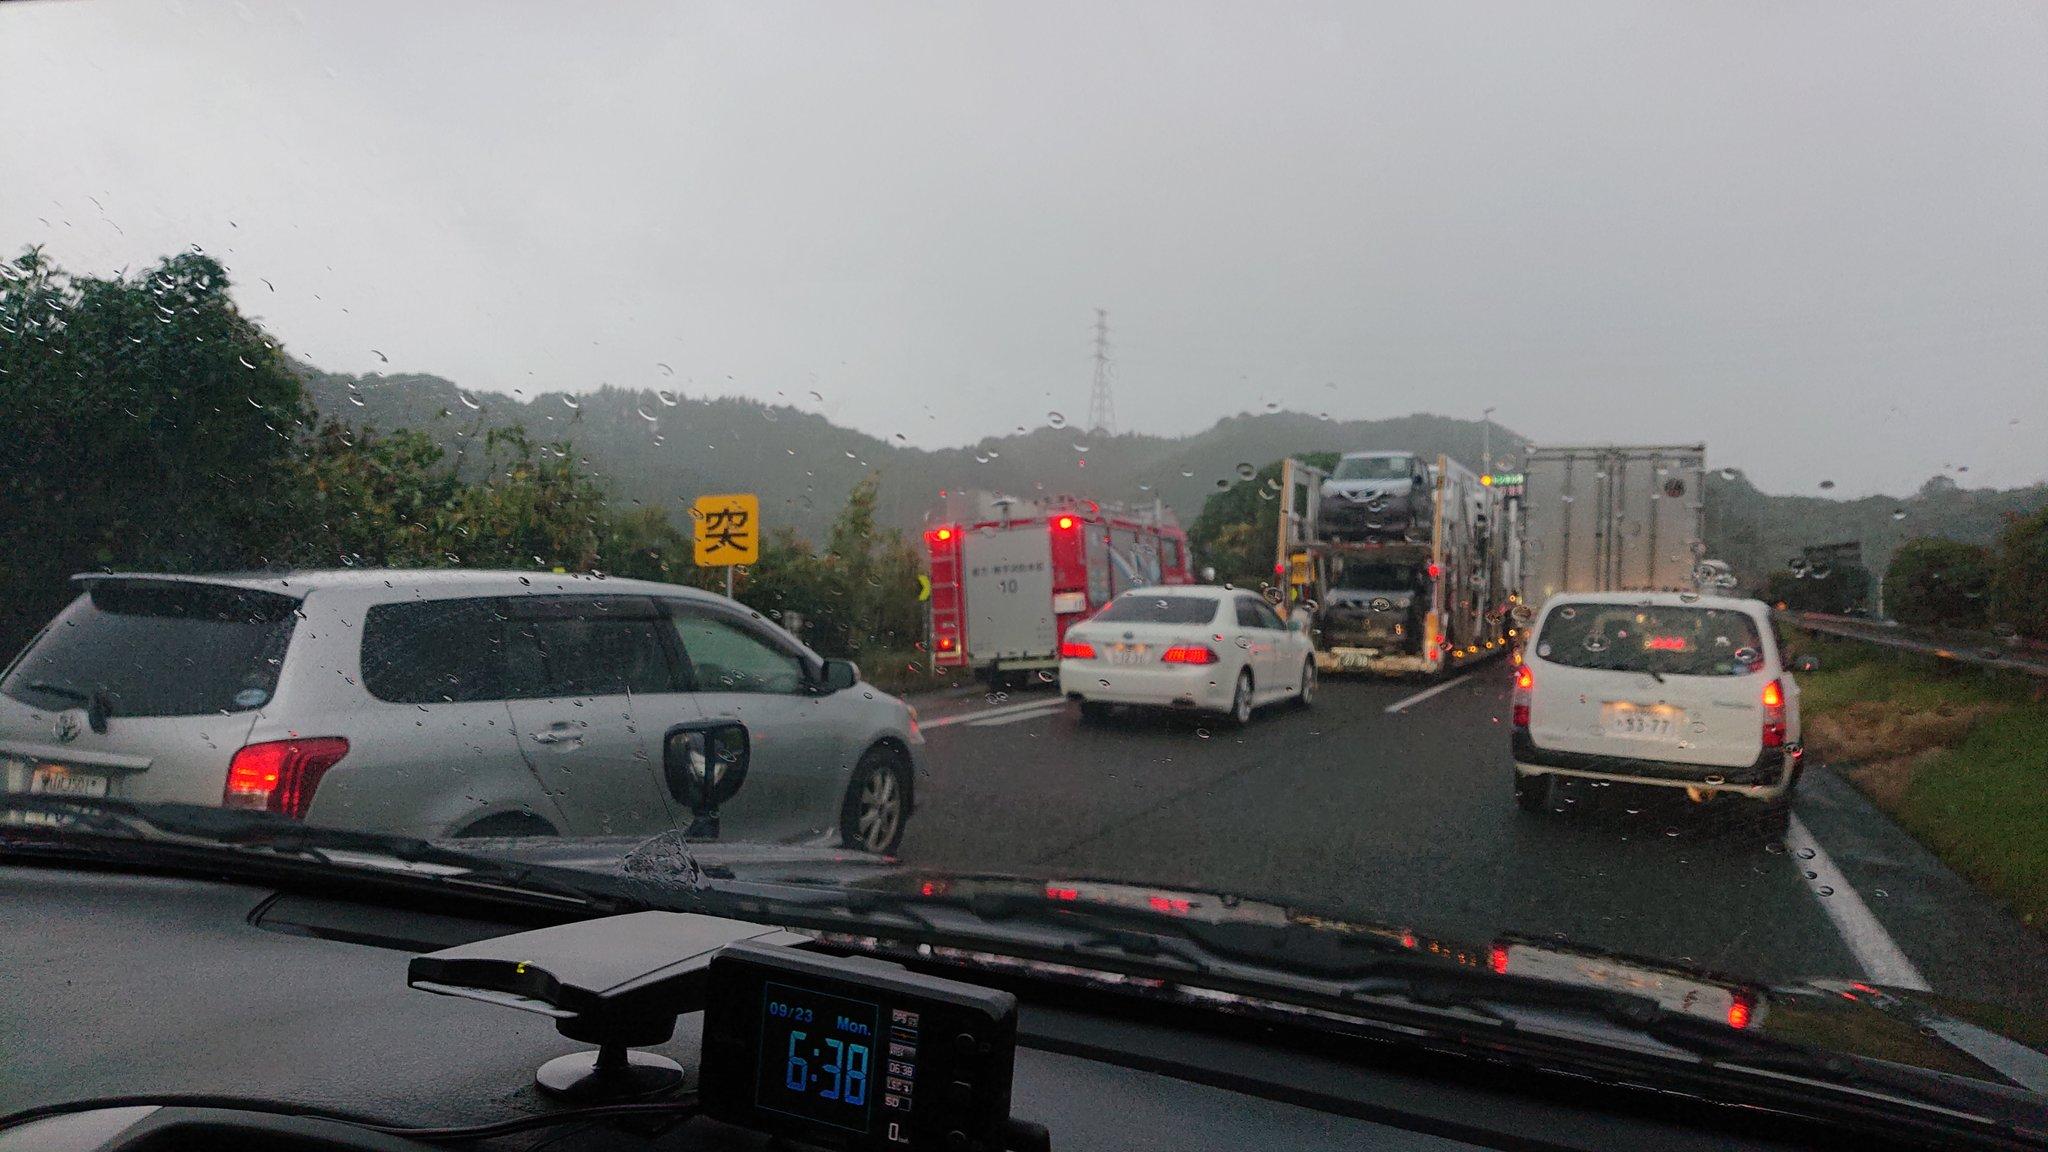 画像,大きな事故かも😱事故渋滞の時は路肩側を開けて駐車しましょう‼️レスキュー車が現場迄入れなくて消防隊員大変そう😭 https://t.co/IByL0dUfIJ…